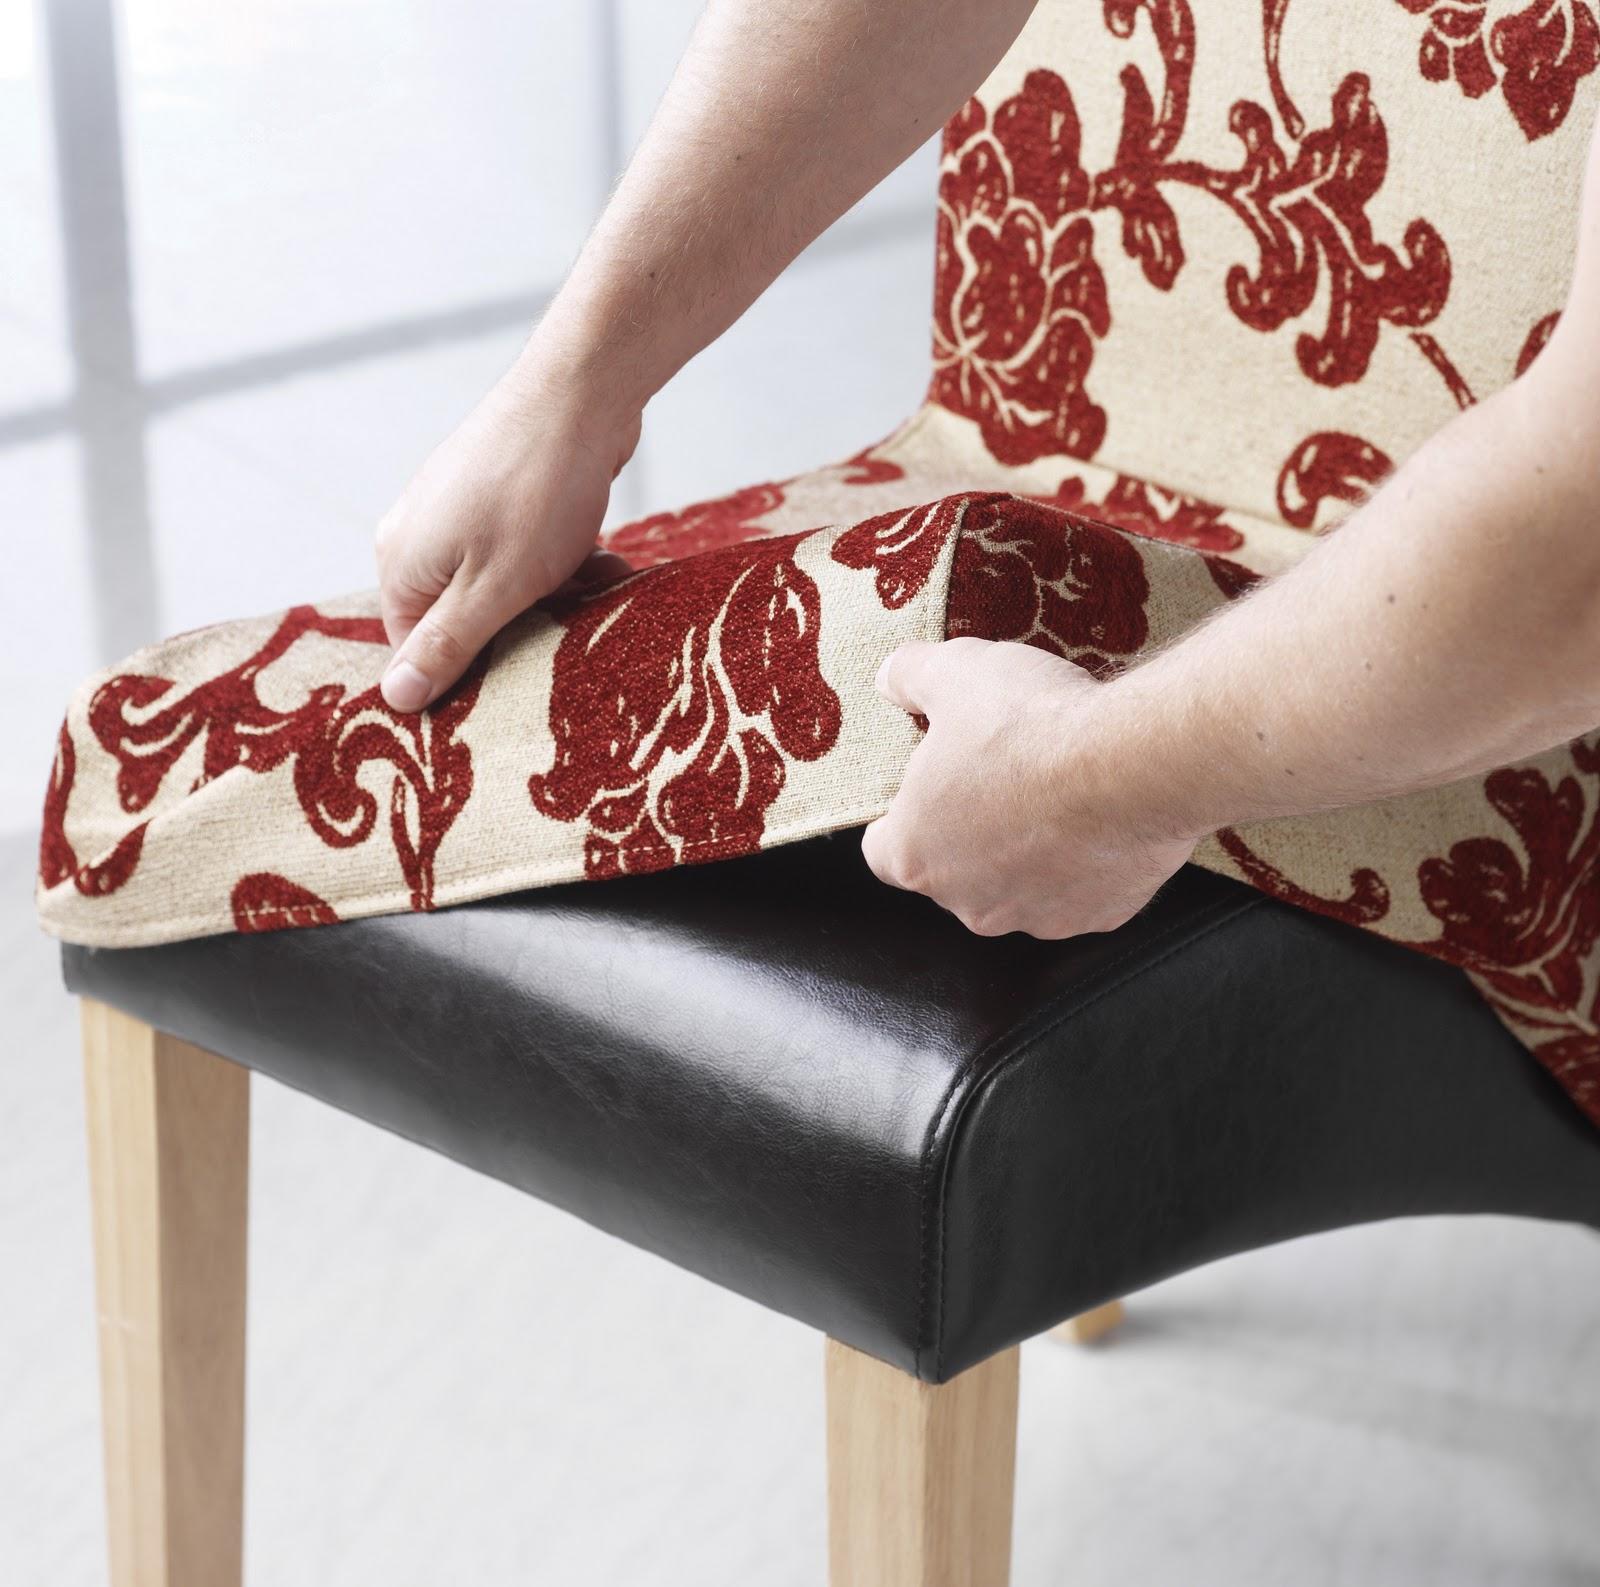 Fundas de sillas y comedor nuevo interiores por for Fundas para sillas comedor